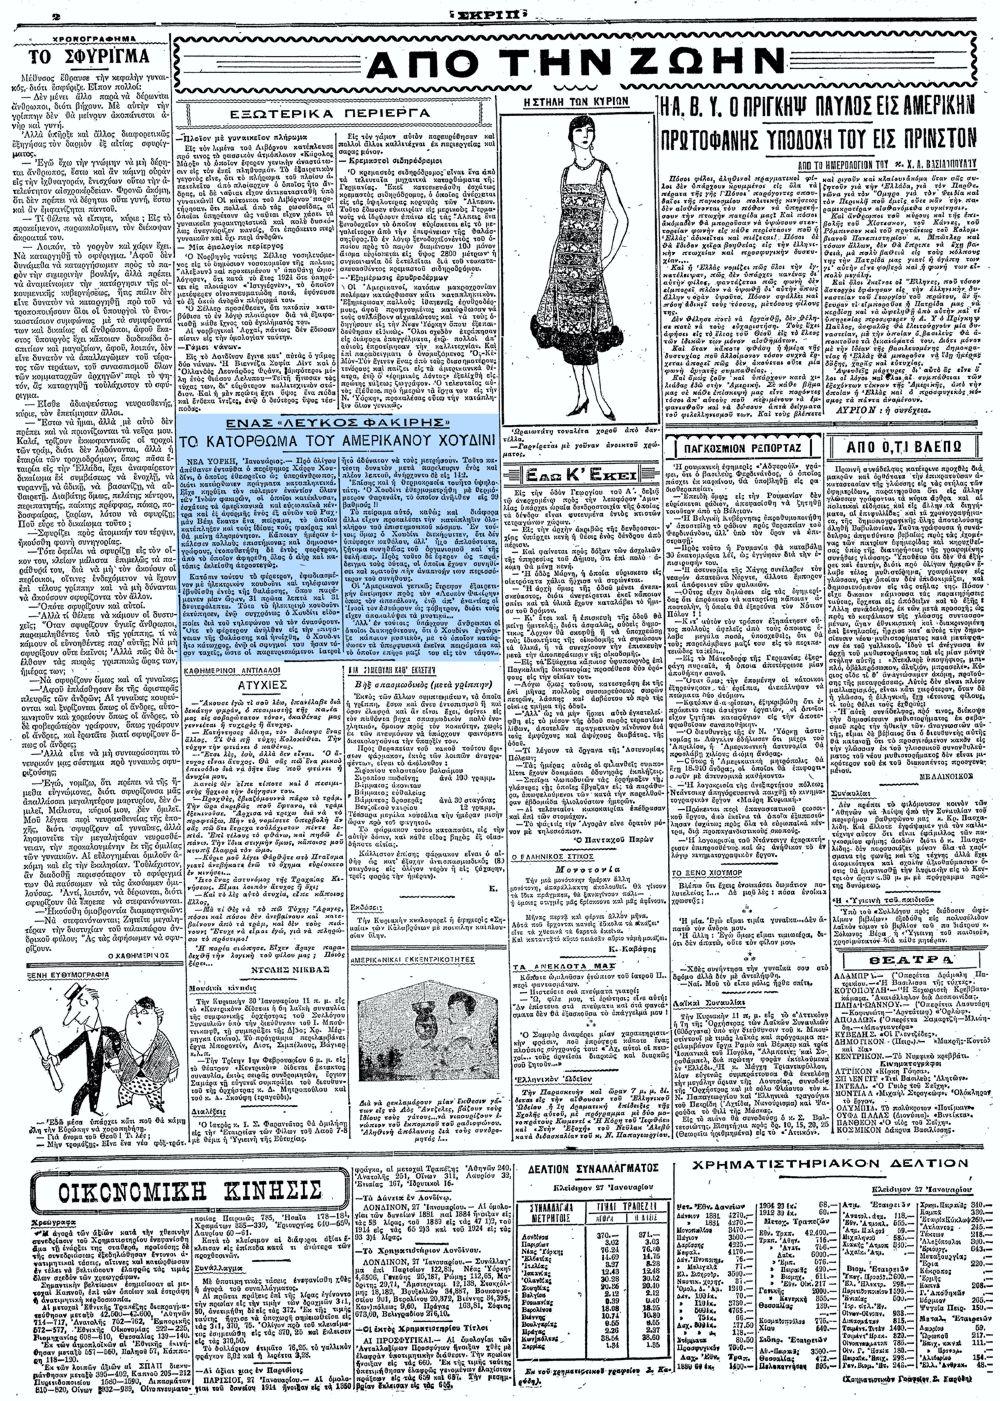 """Το άρθρο, όπως δημοσιεύθηκε στην εφημερίδα """"ΣΚΡΙΠ"""", στις 28/01/1927"""